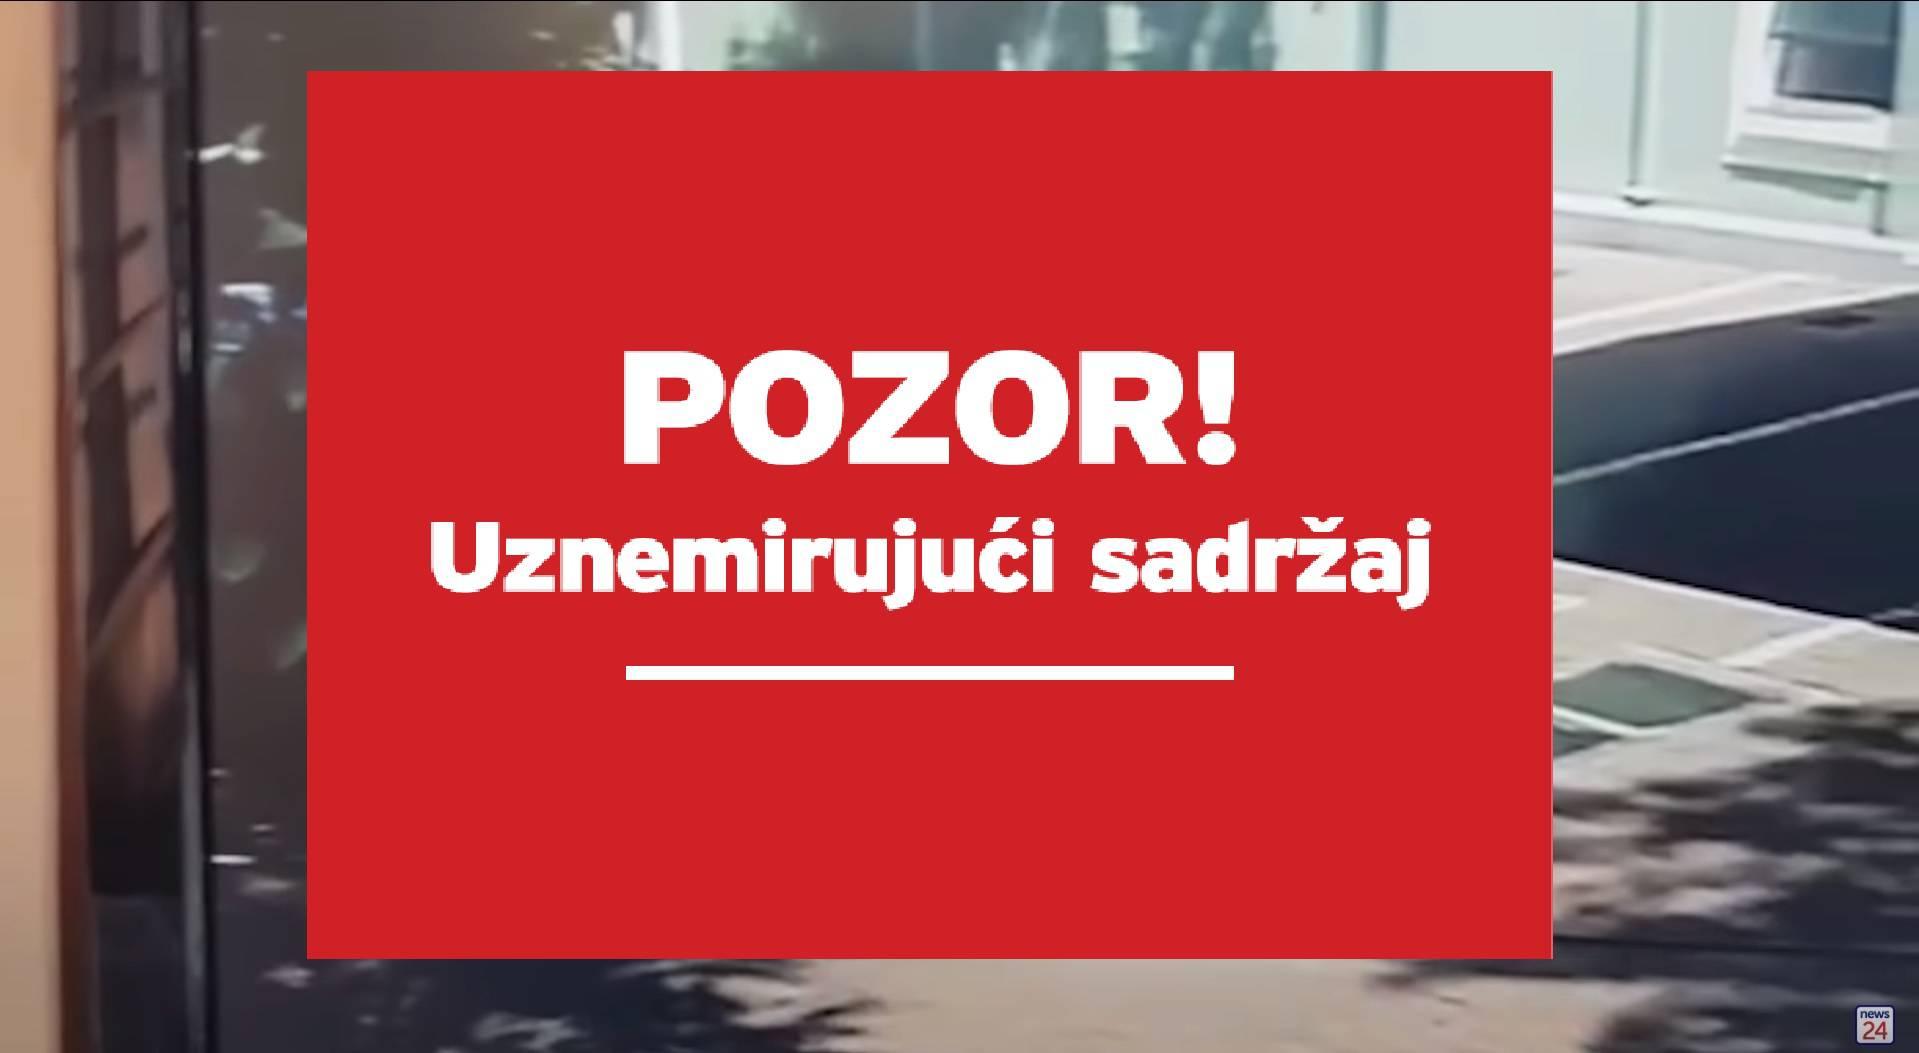 Brutalna likvidacija Srbina u Johannesburgu: Izrešetali ga...